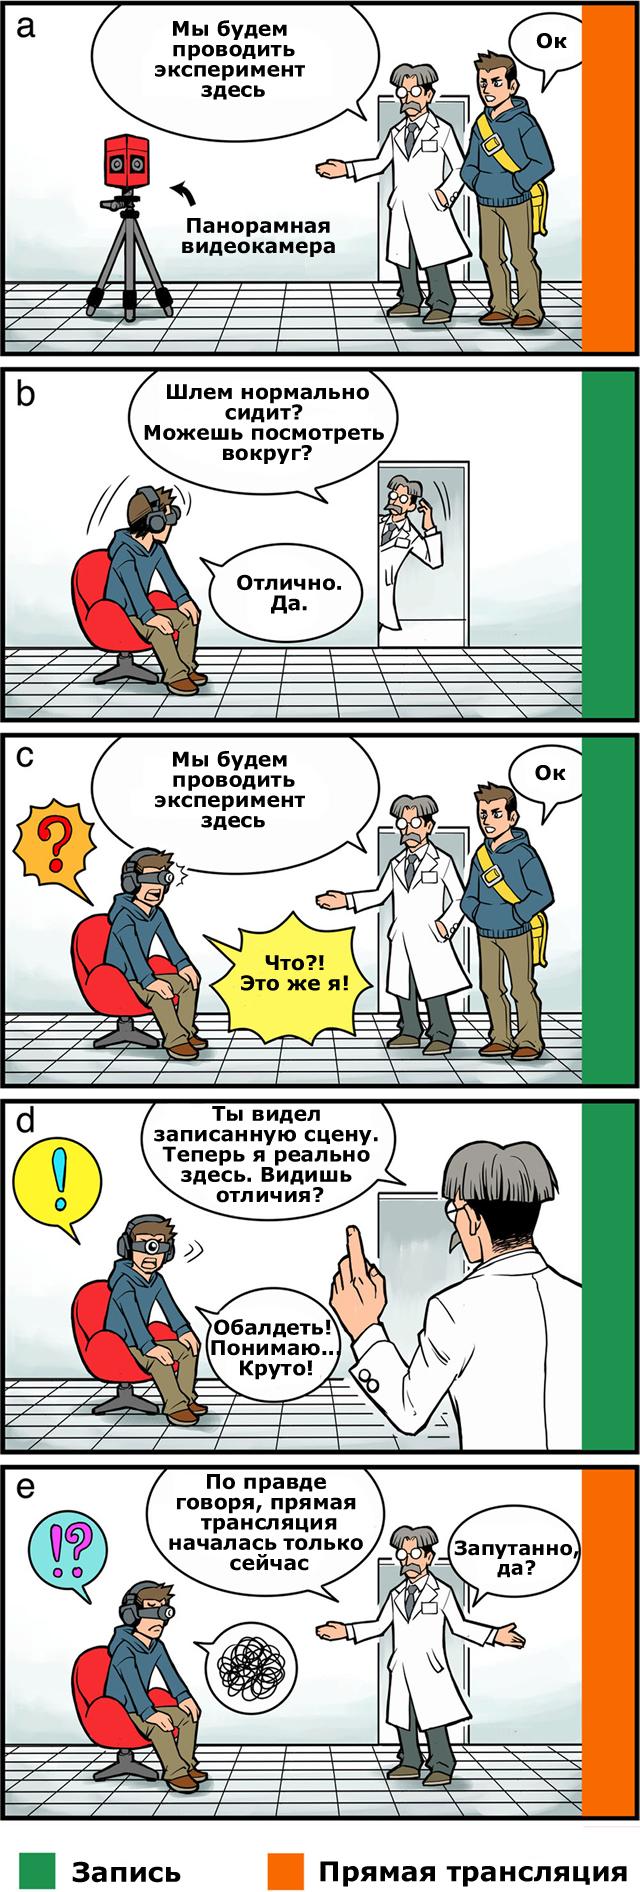 Комикс, показывающий, как проходил один из экспериментов